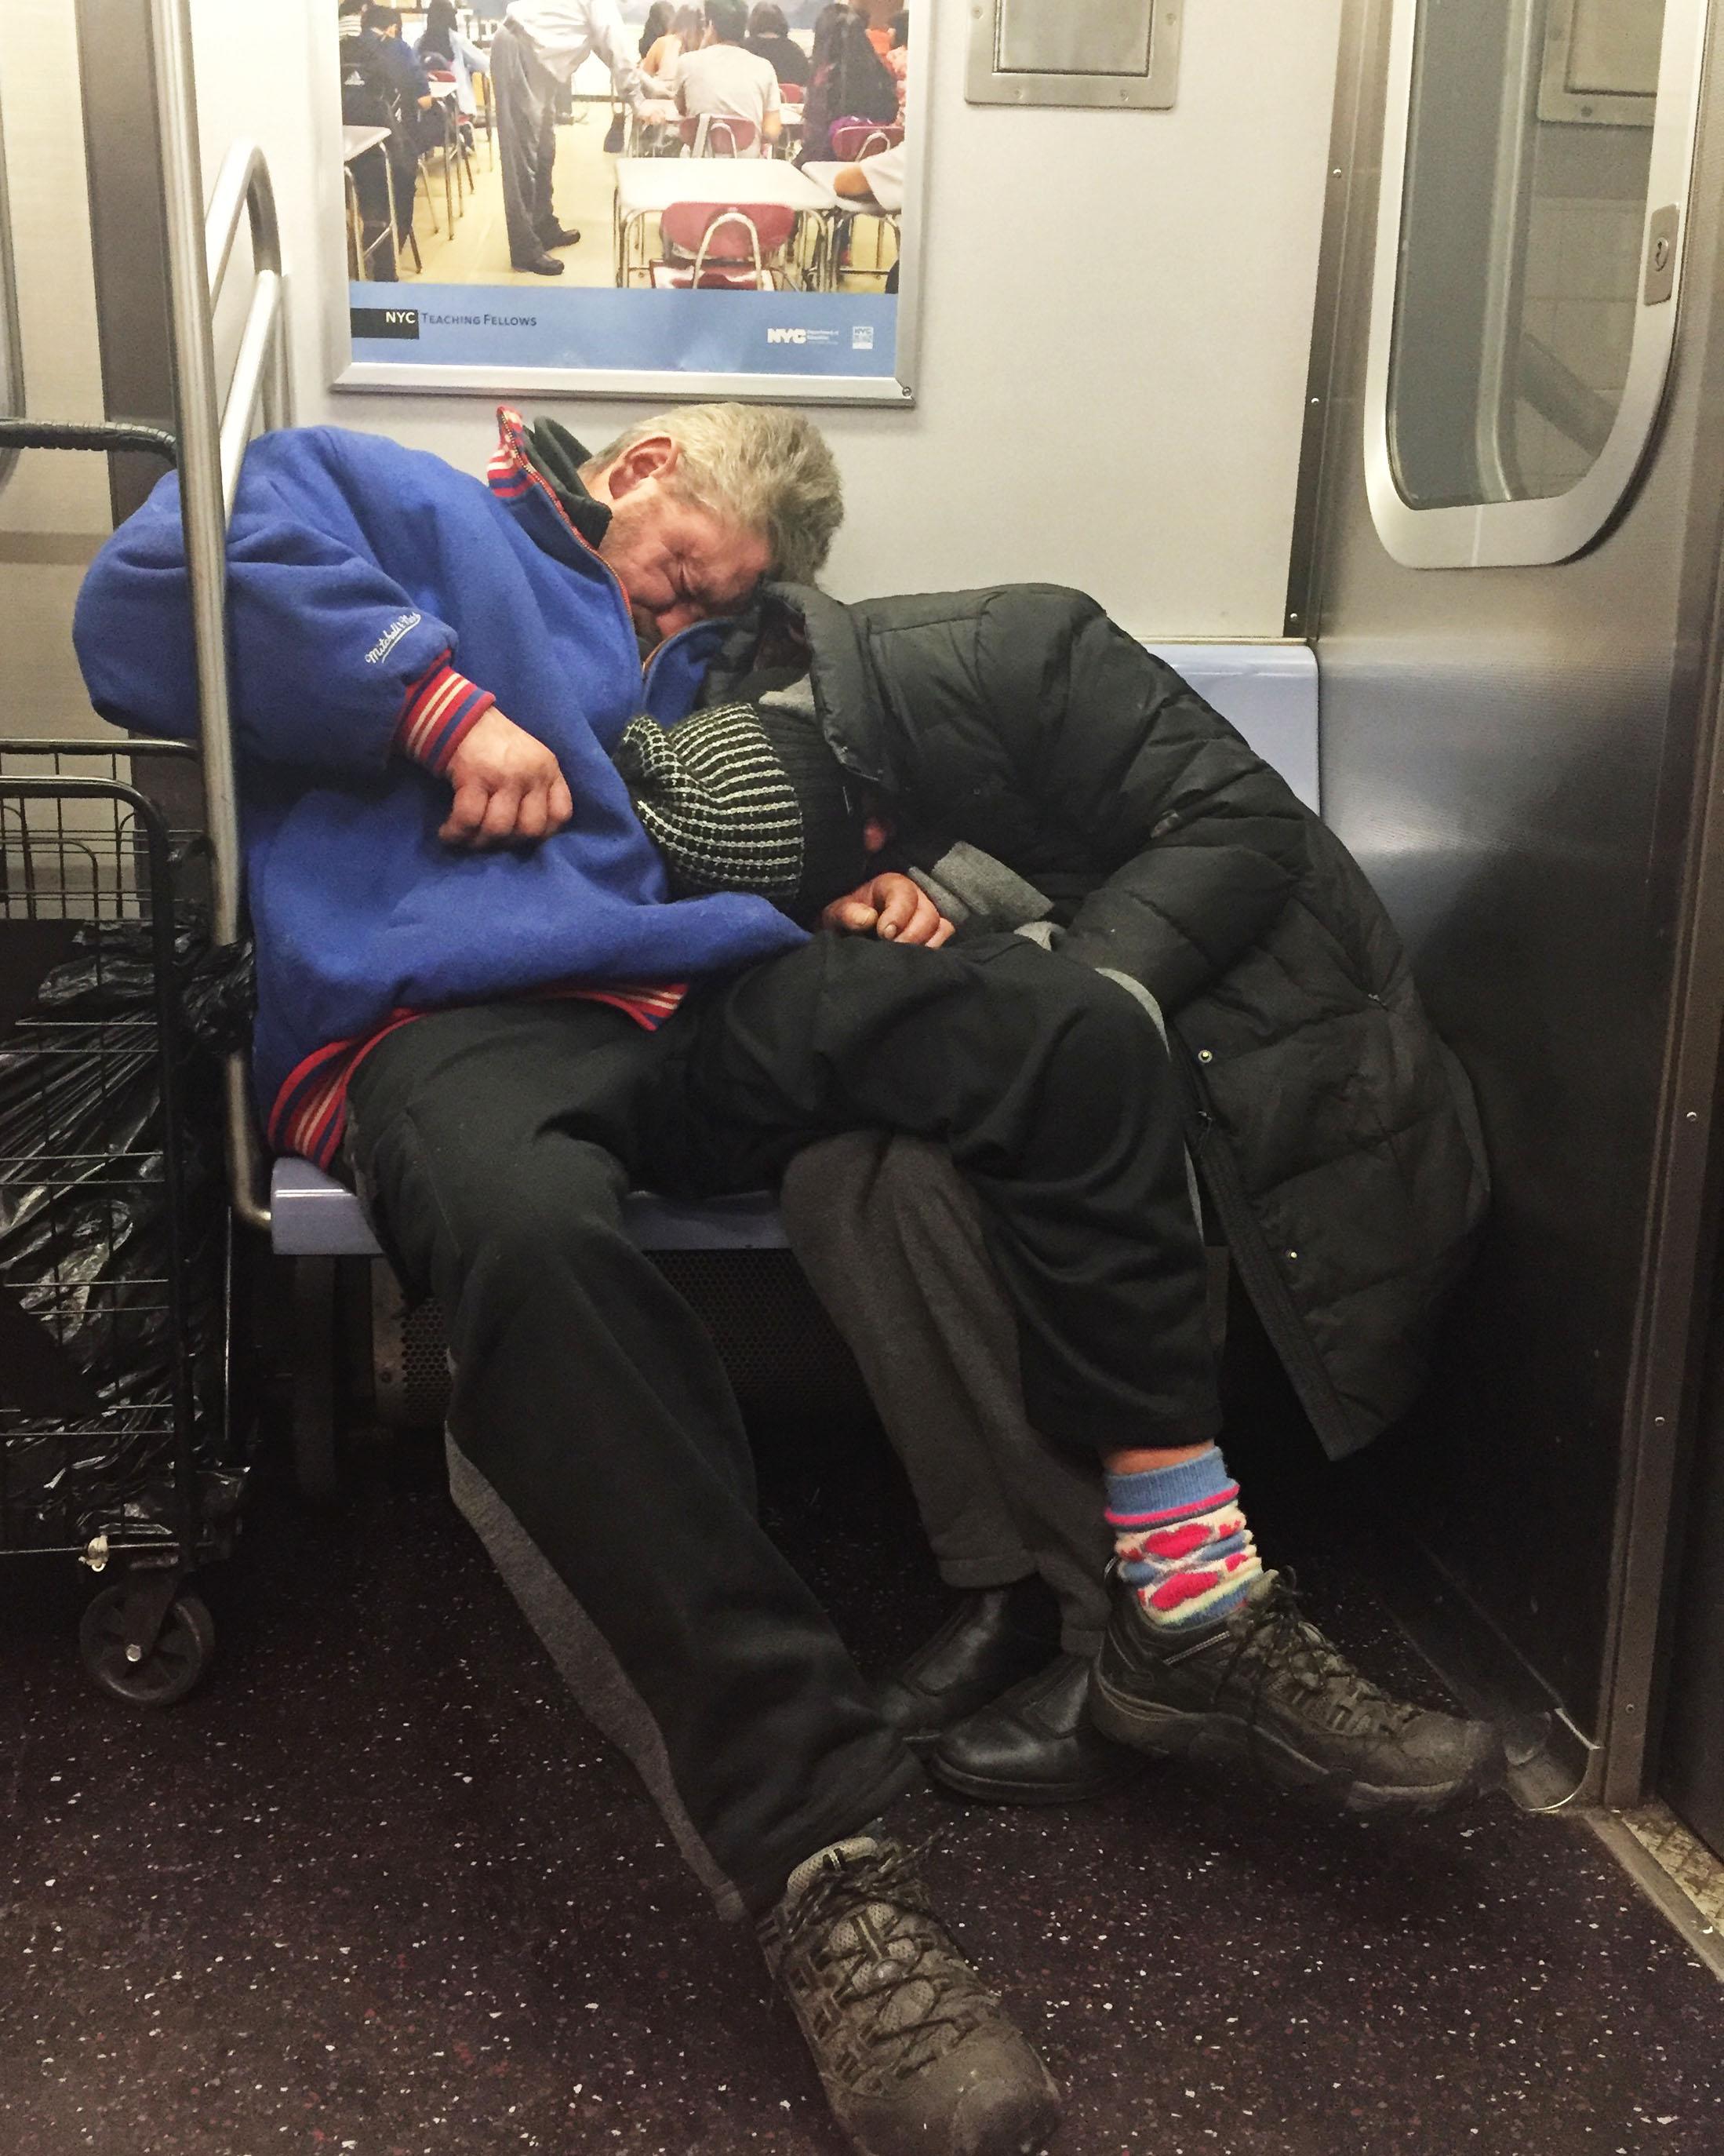 PE_Subway_OldCoupleSleep.jpg